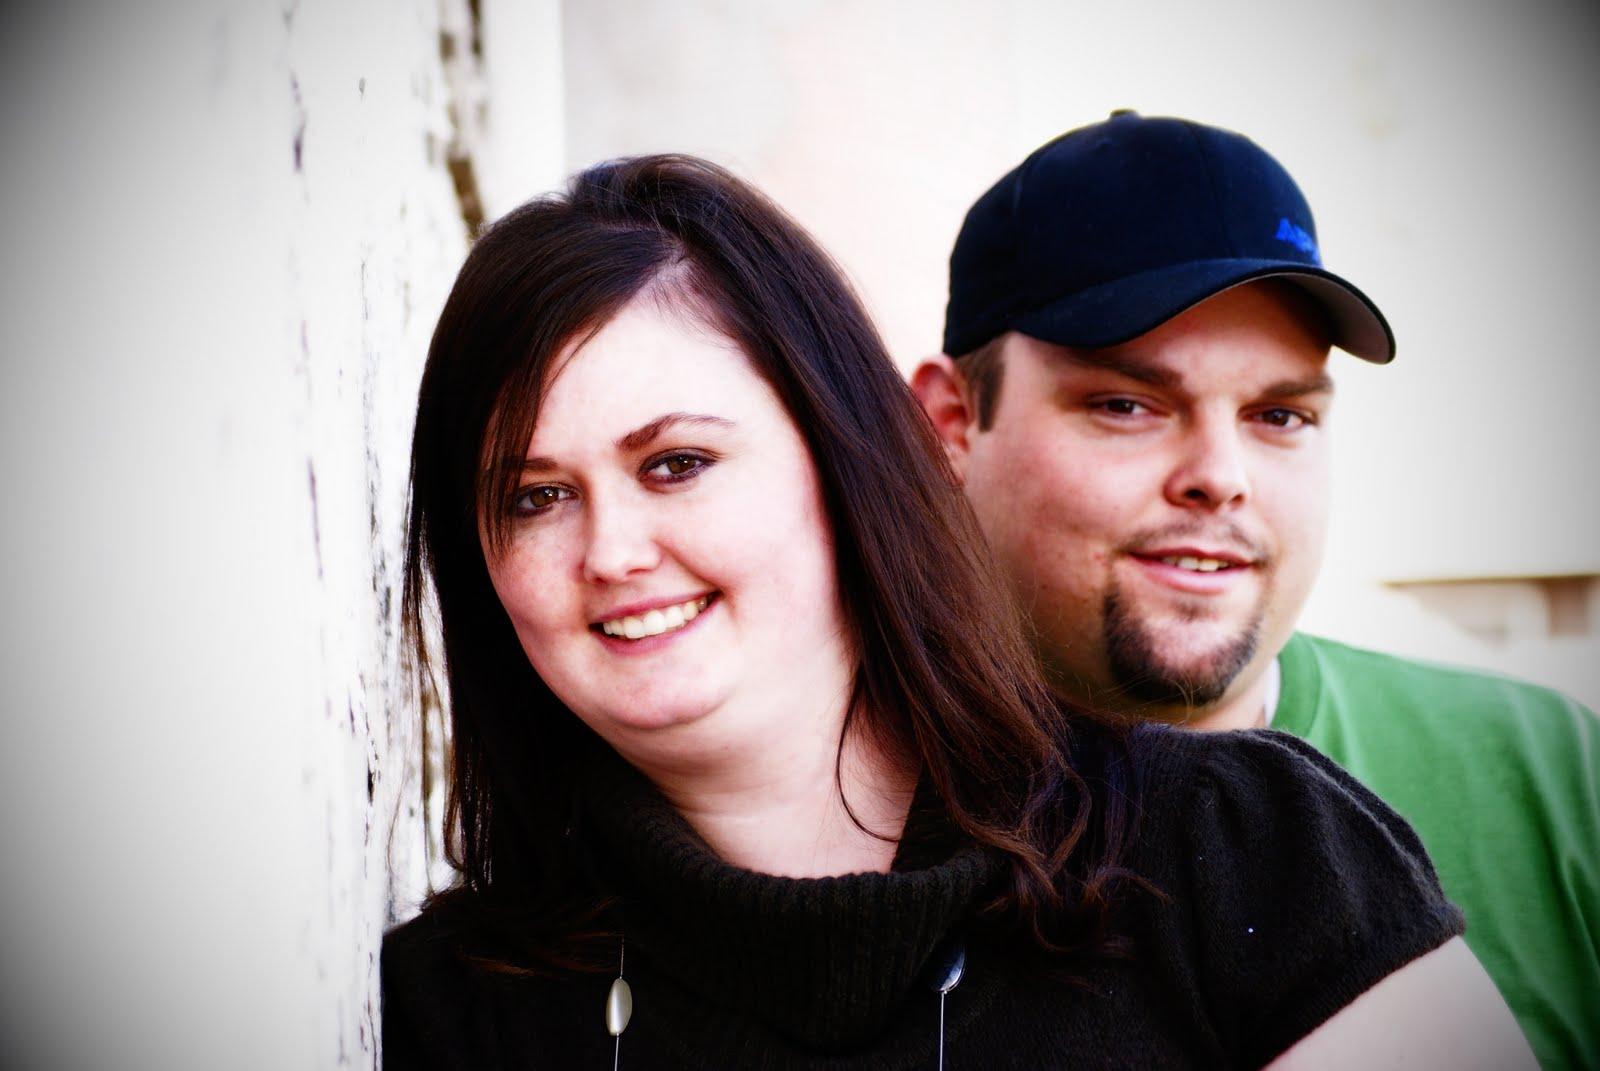 Cody & Hailey